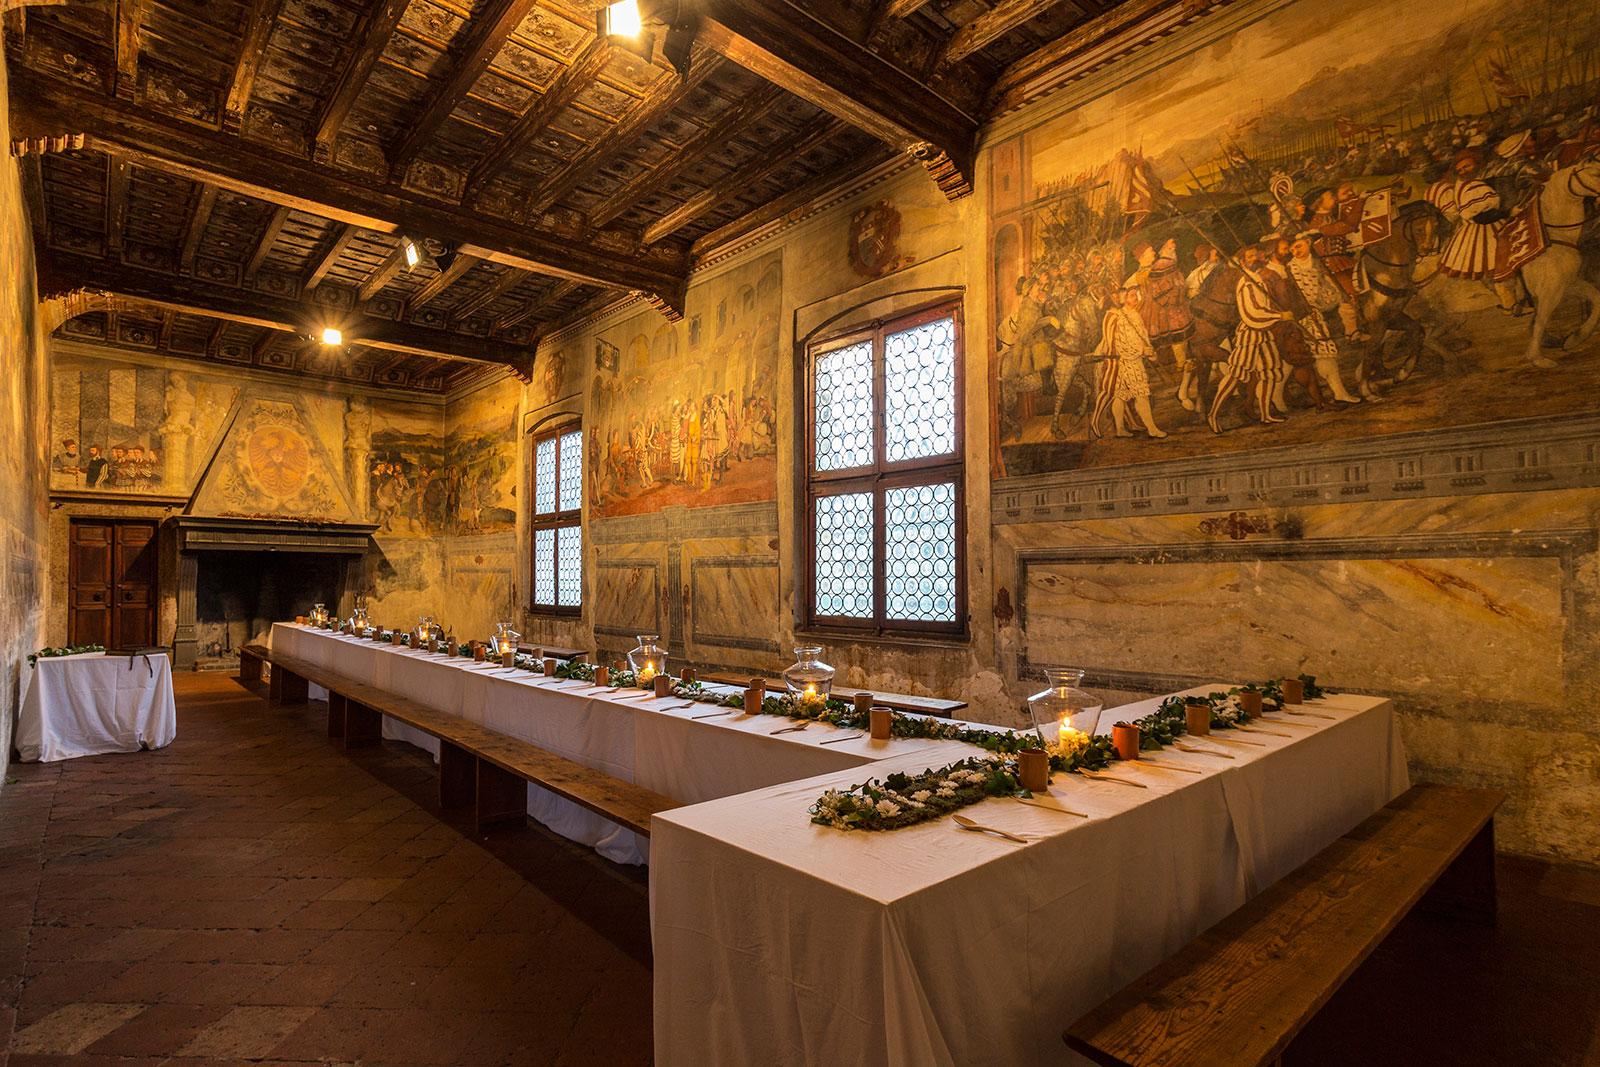 Medieval dinner castello di malpaga for Immagini di interni di case